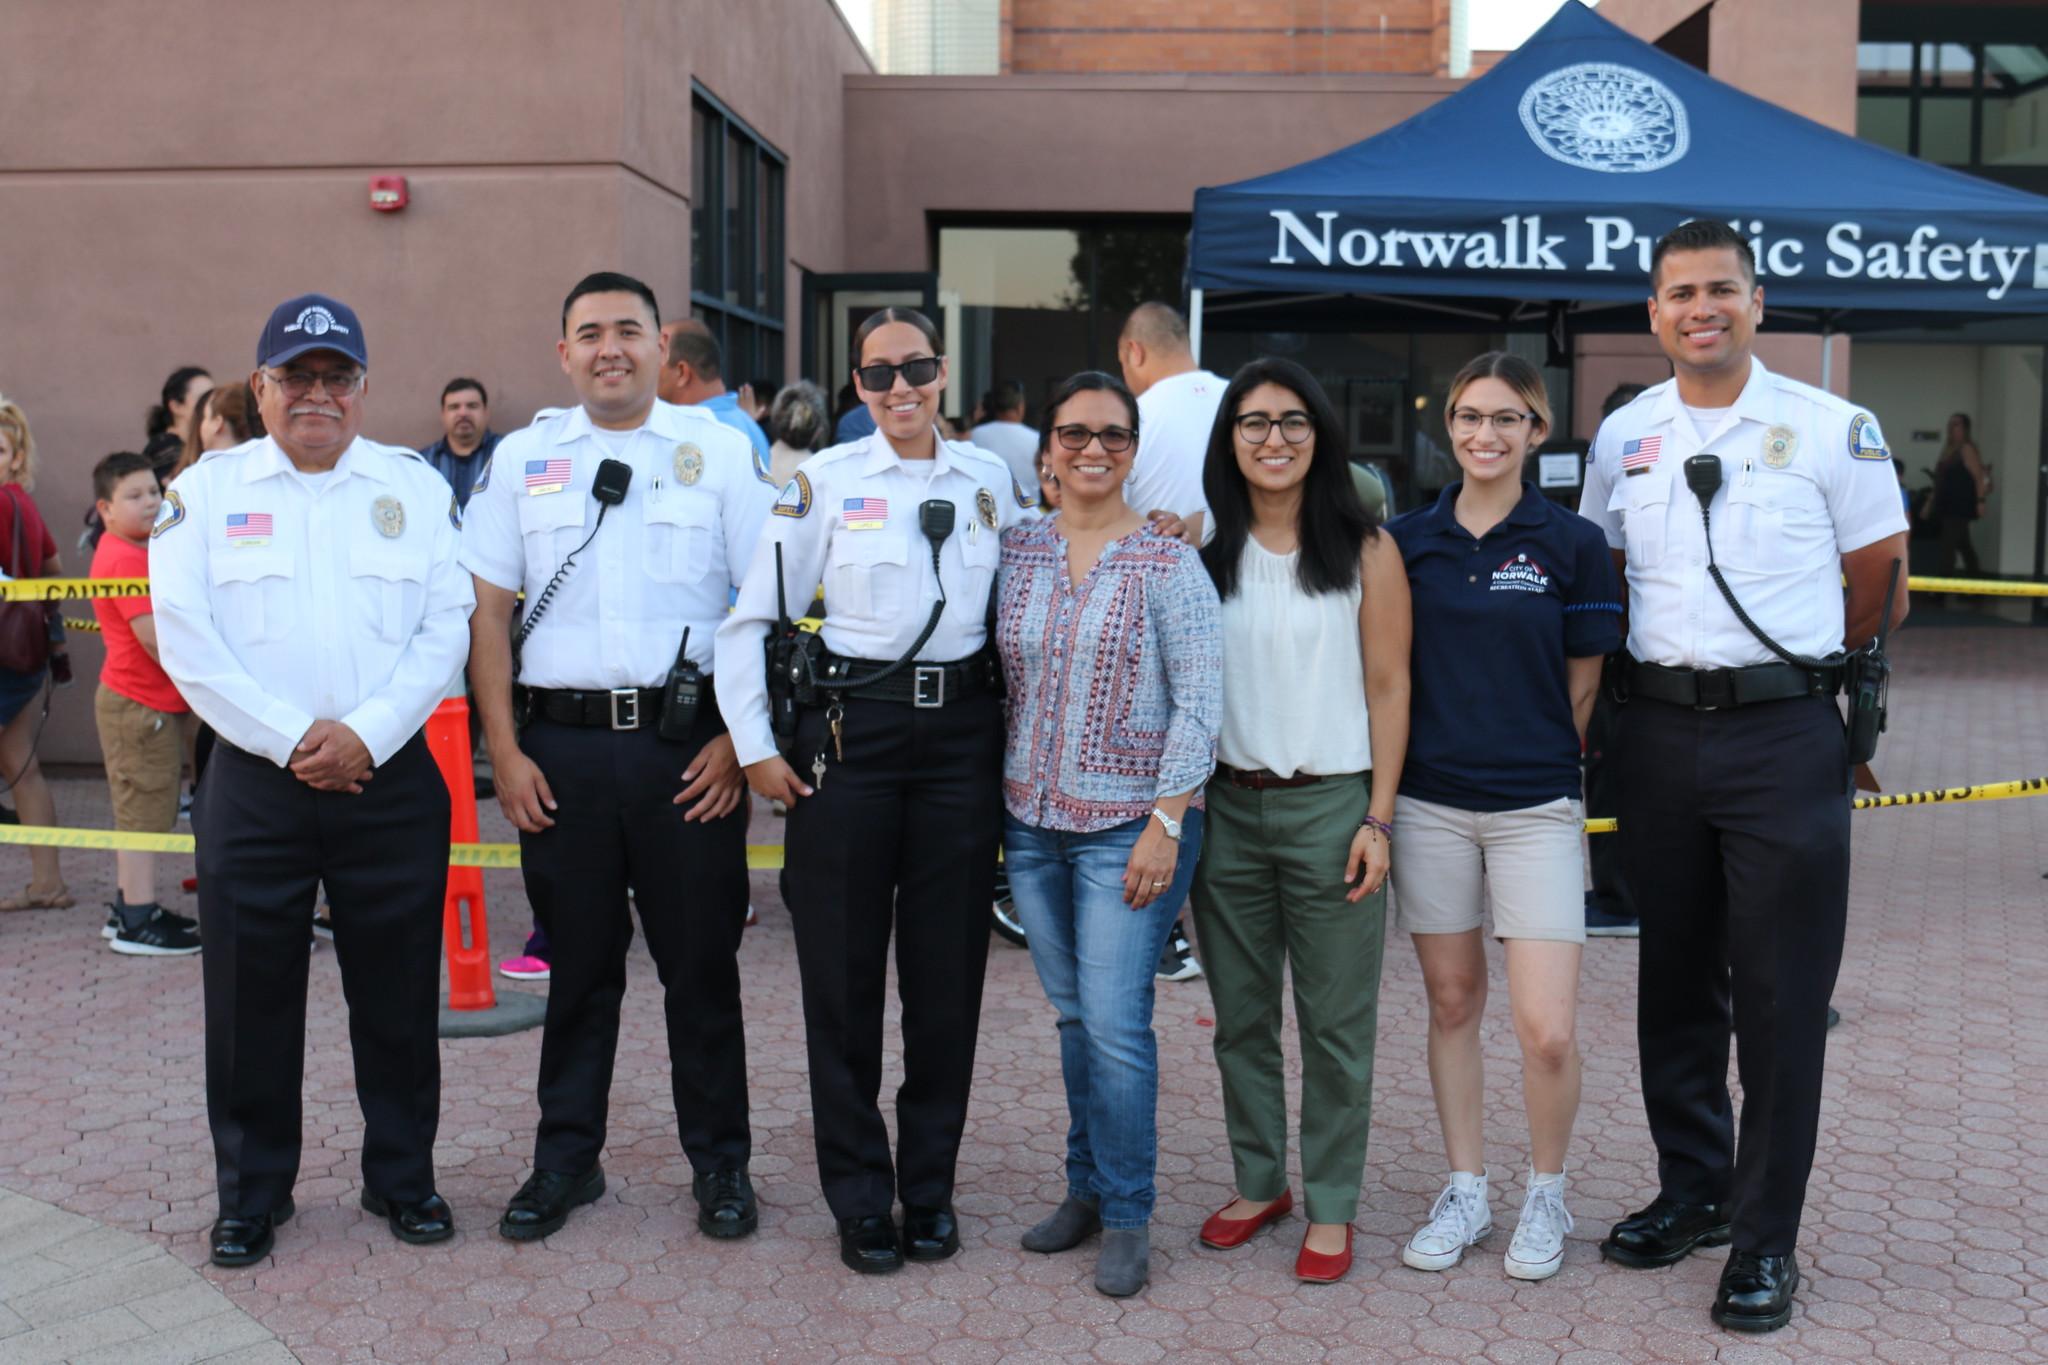 Photo courtesy city of Norwalk